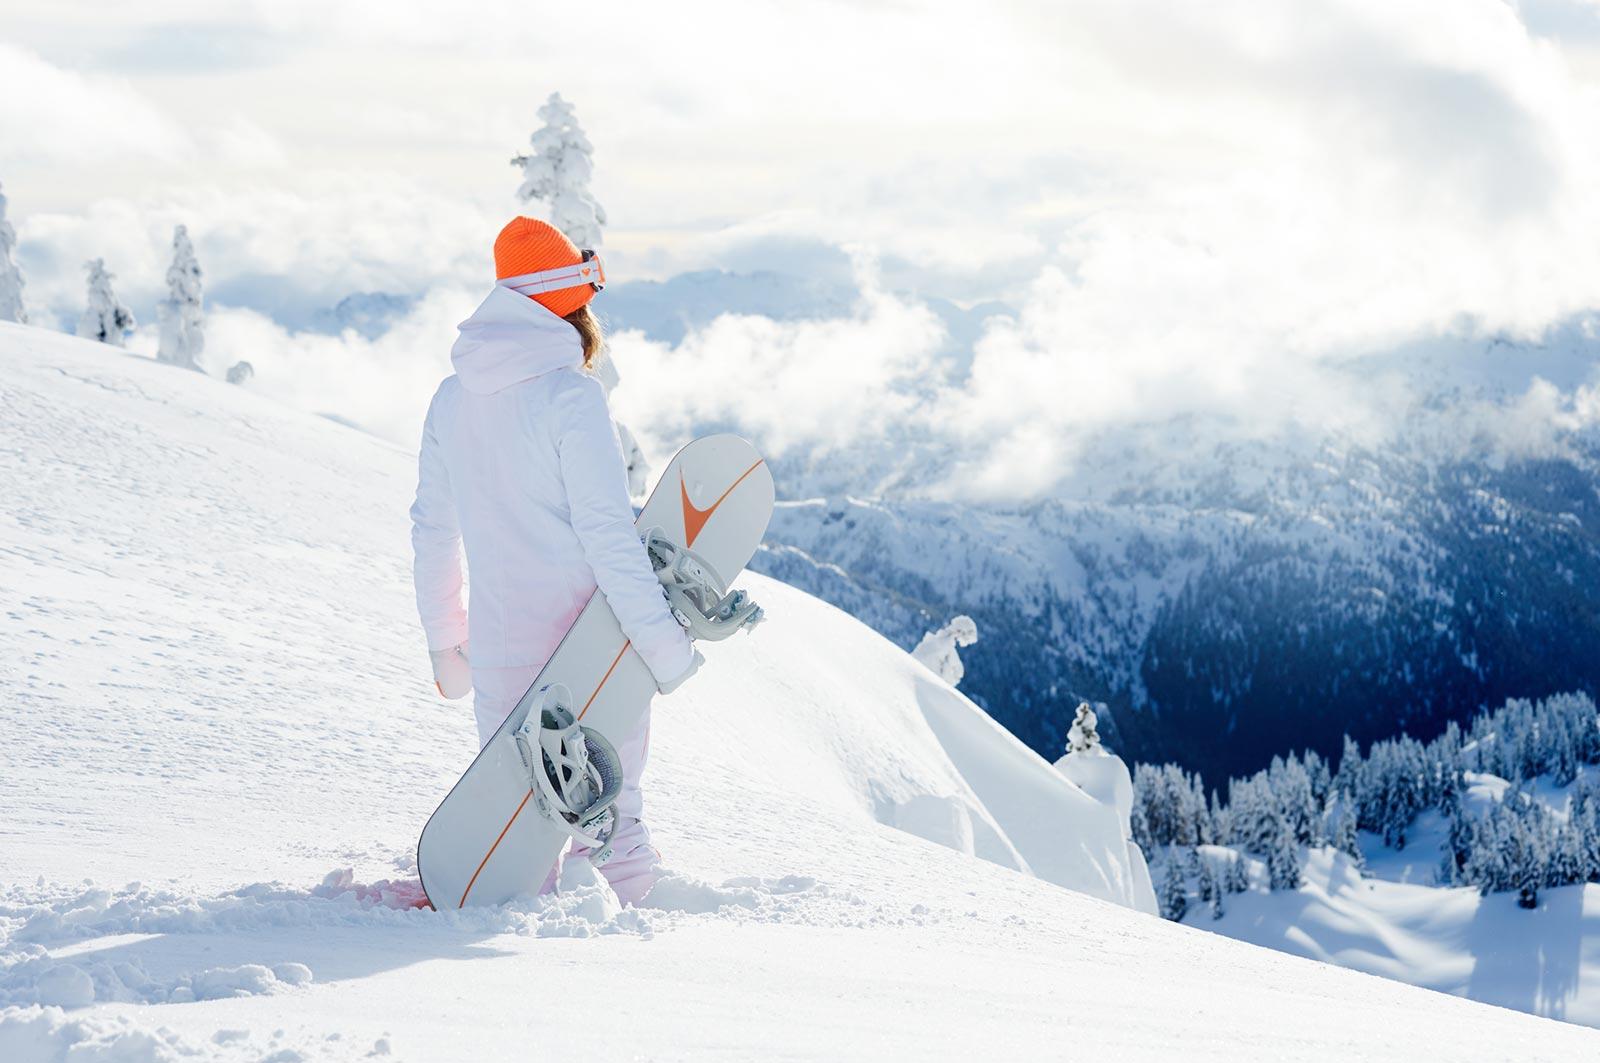 wishlist-noel-pour-les-sportives-snow-rideuse-roxy-courreges